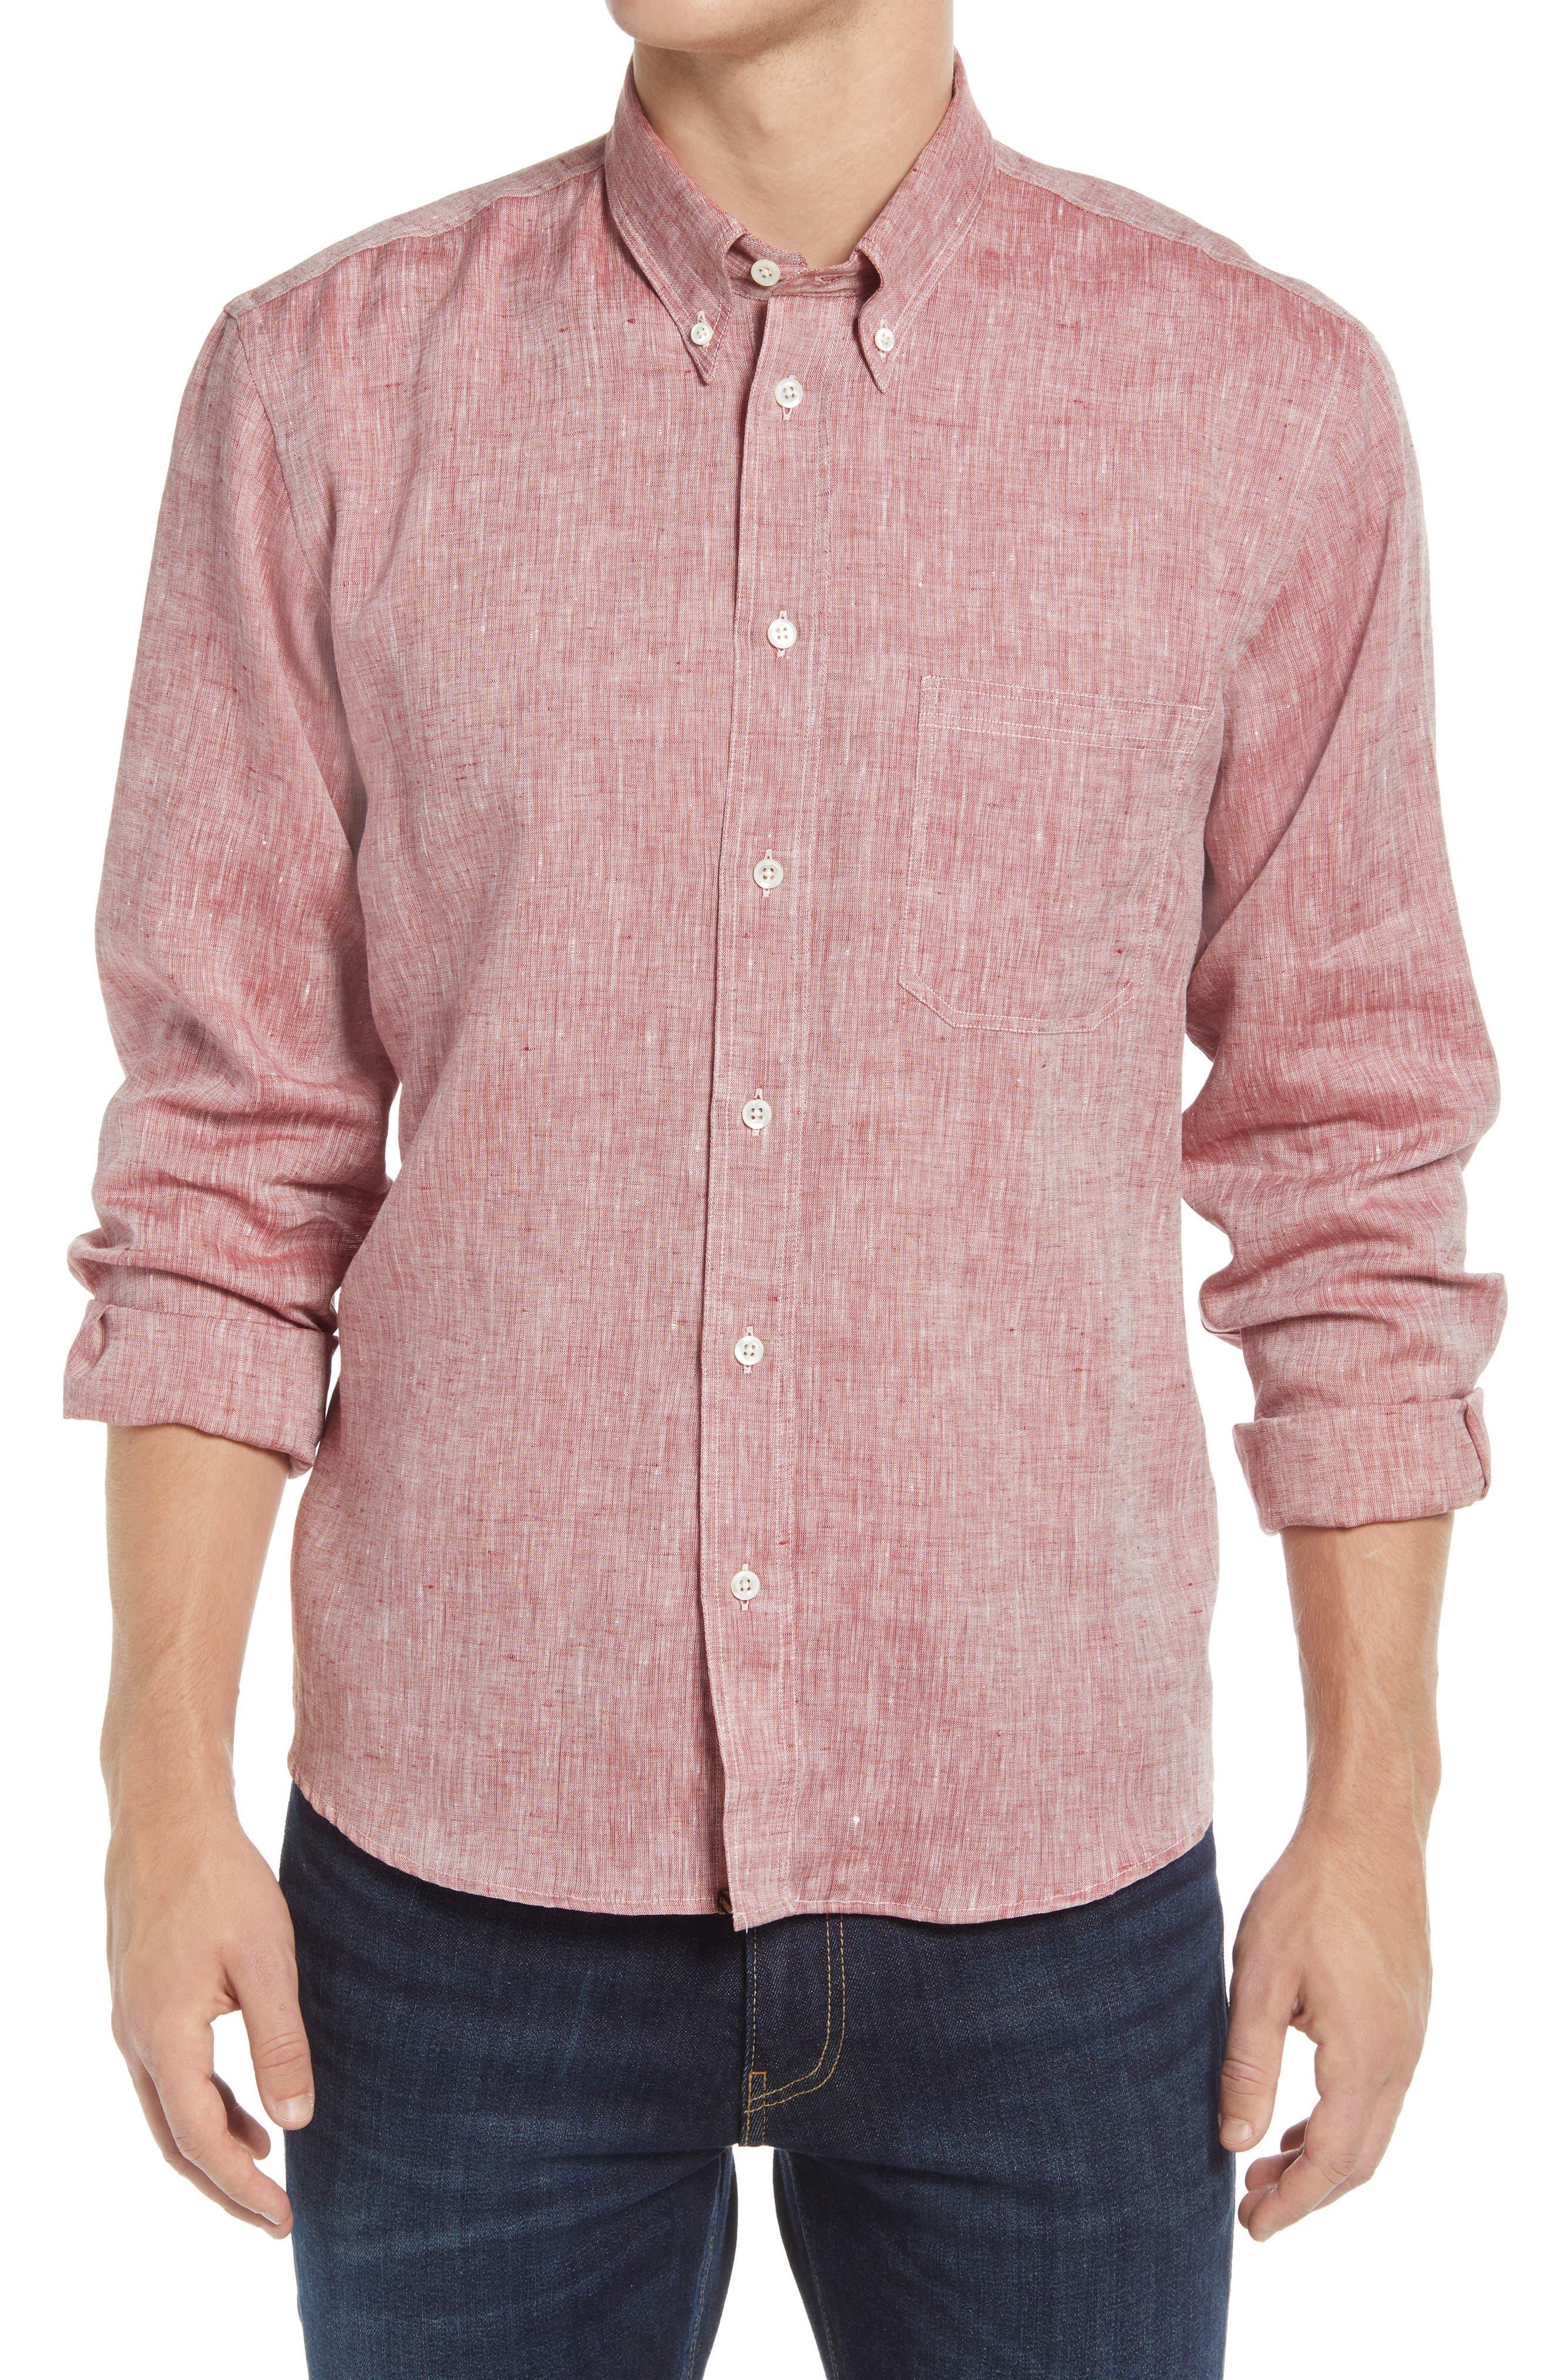 Tuscumbia Linen Button-Down Shirt